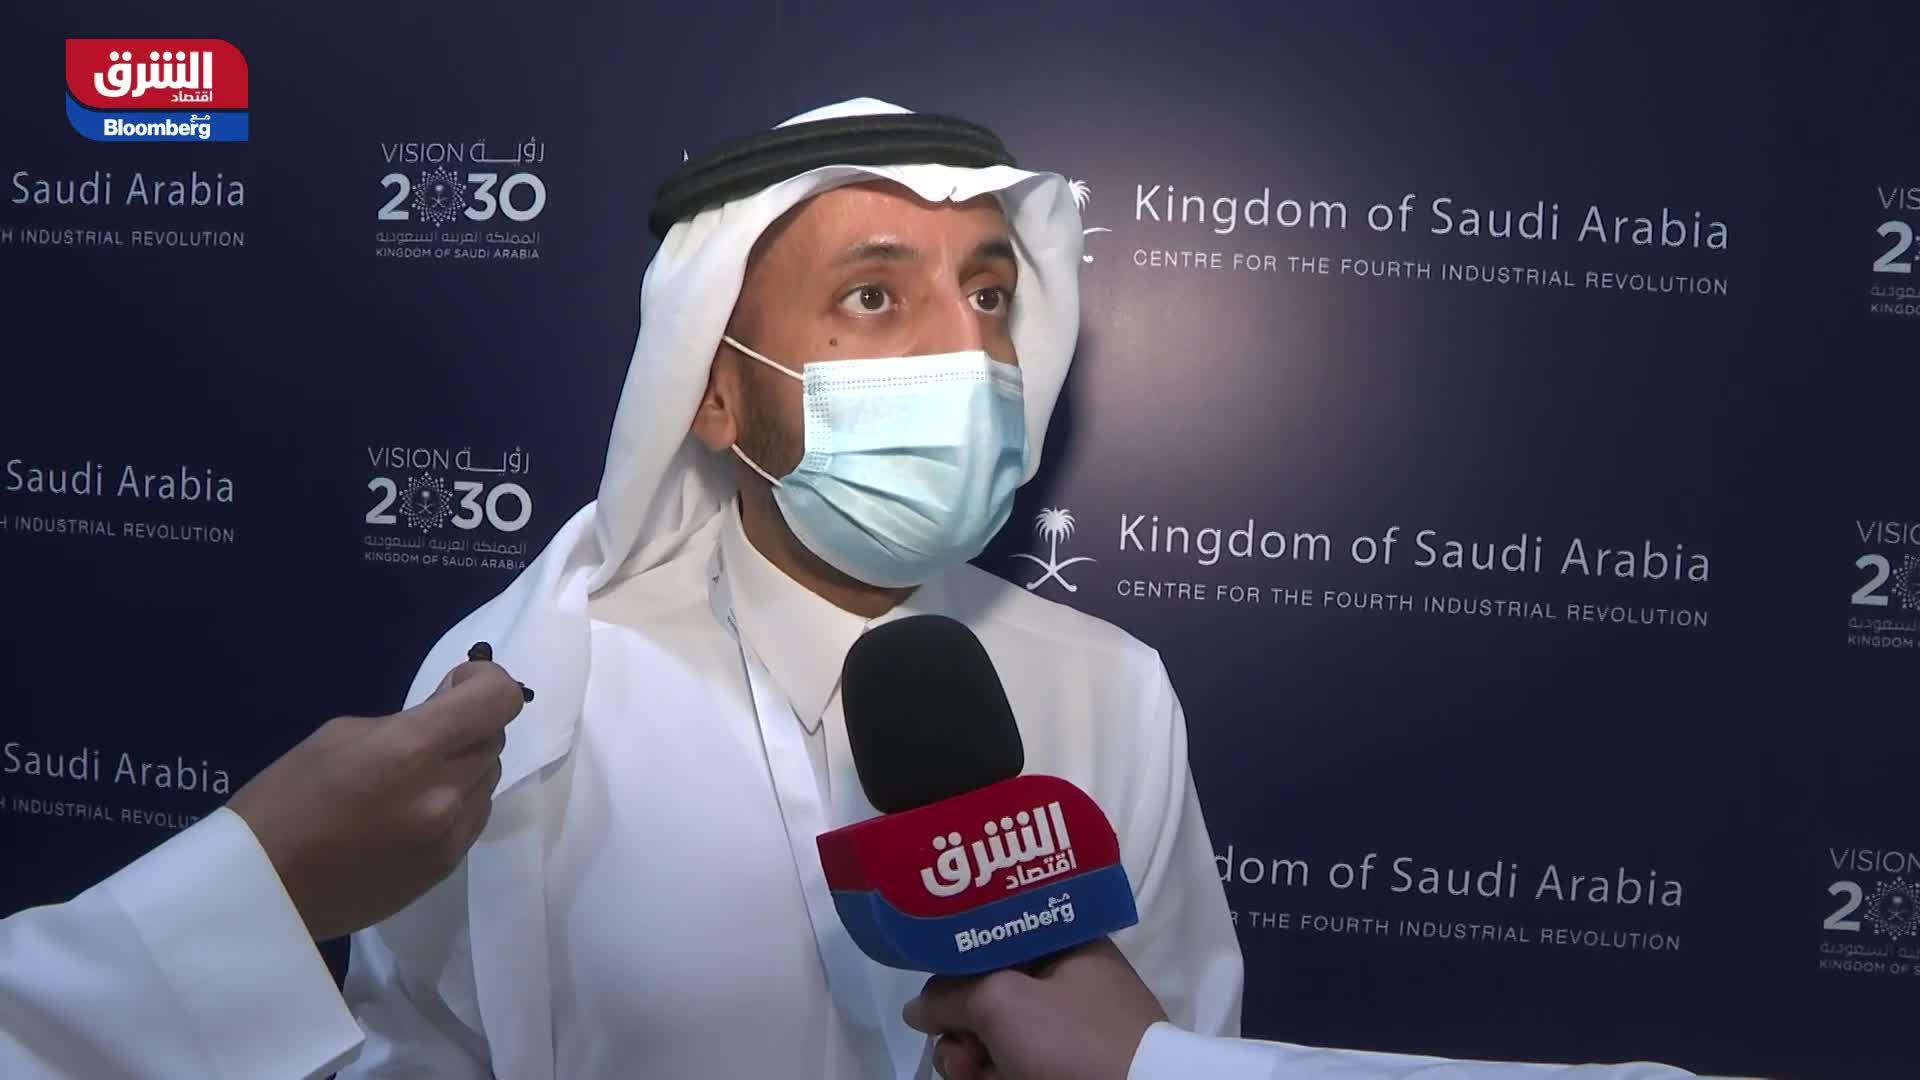 إبراهيم المعجل - الرئيس التنفيذي لصندوق التنمية الصناعية